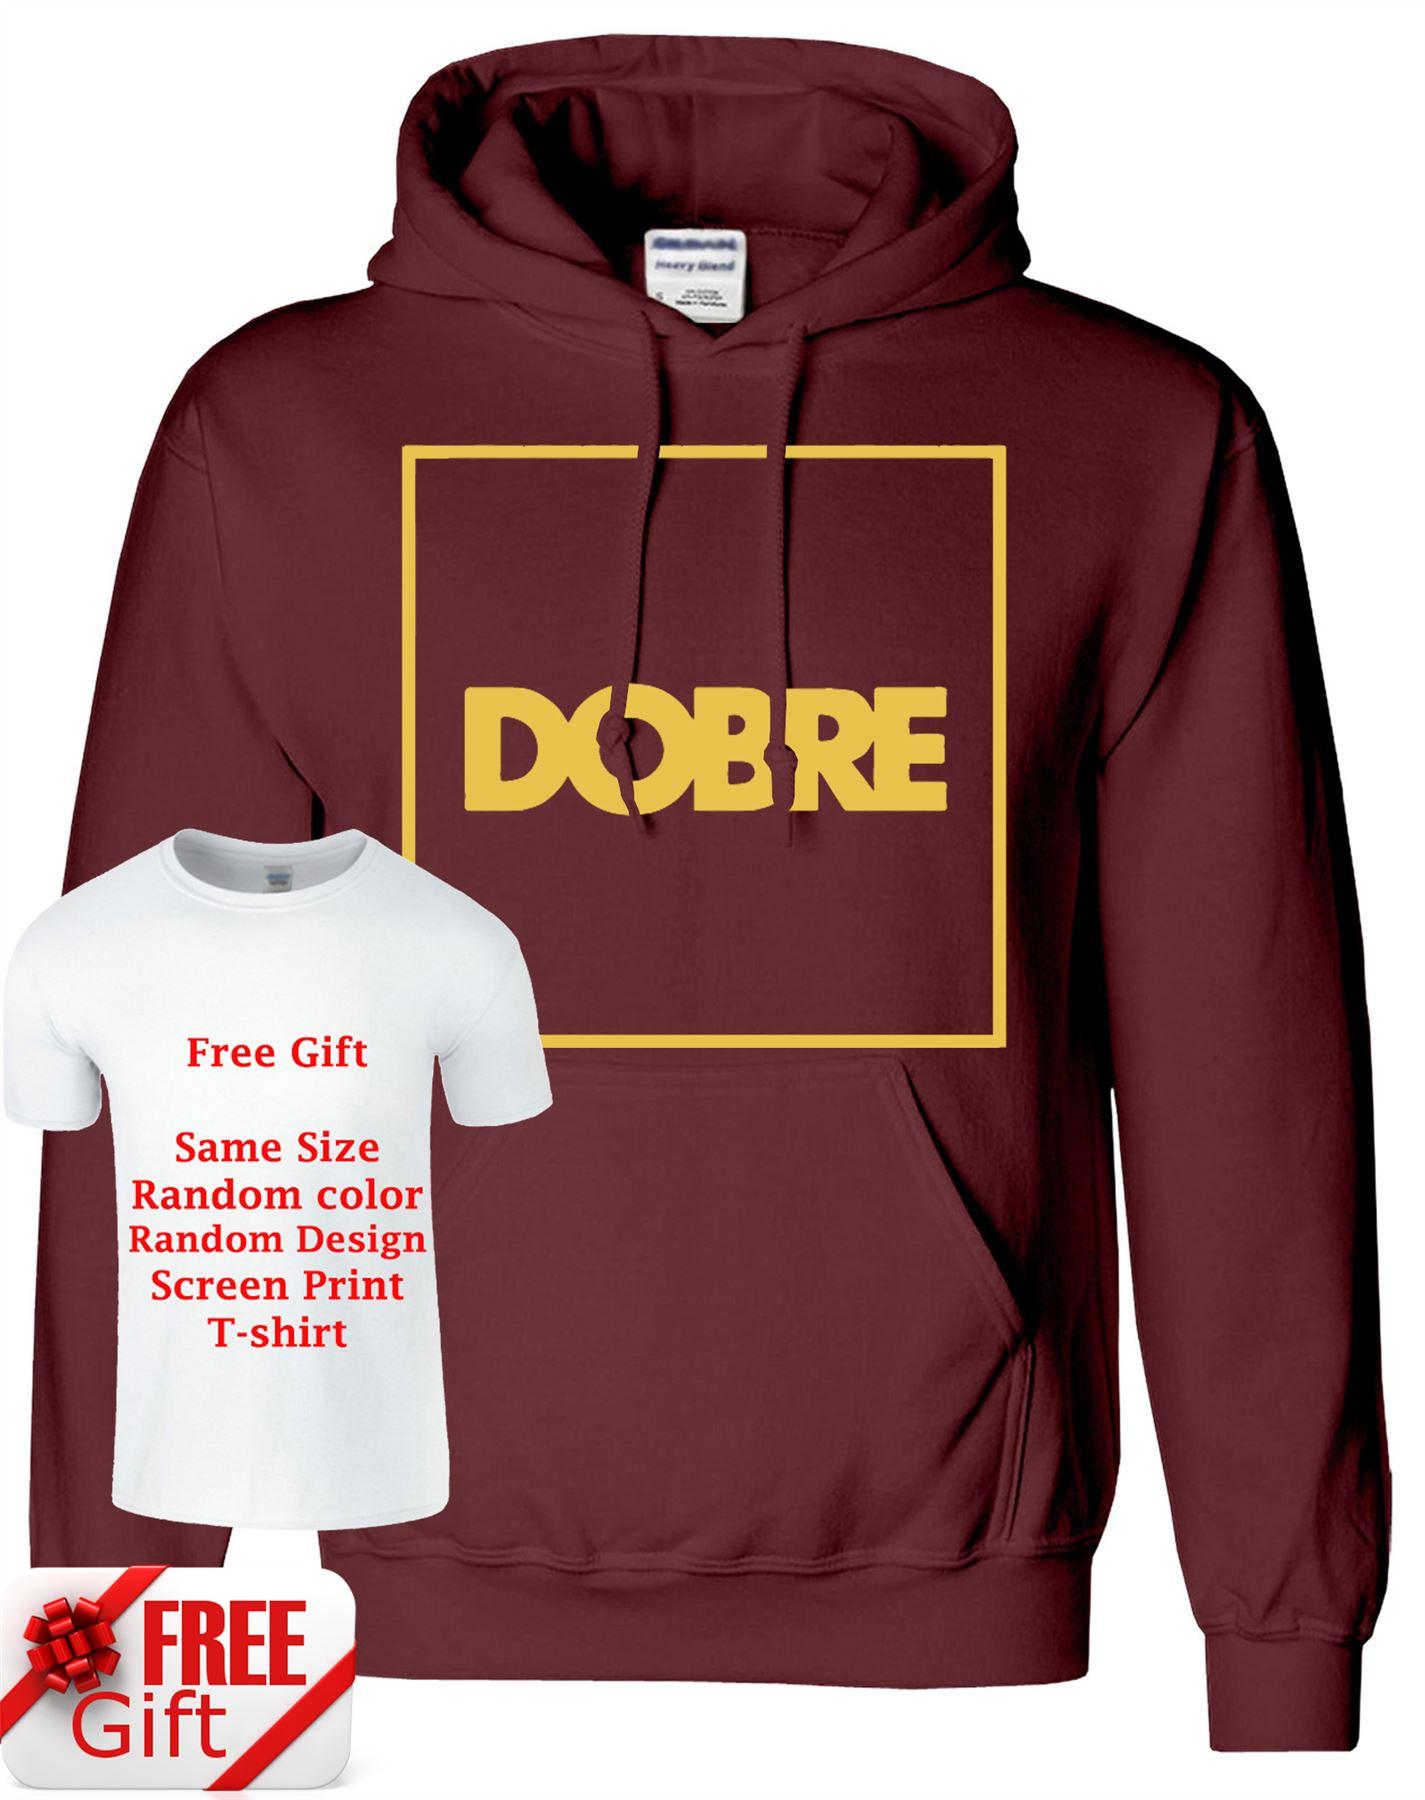 Uomo-e-Donna-dobrebrothers-Felpa-con-cappuccio-Pullover-swerater-gratuito-T-Shirt-Stampata